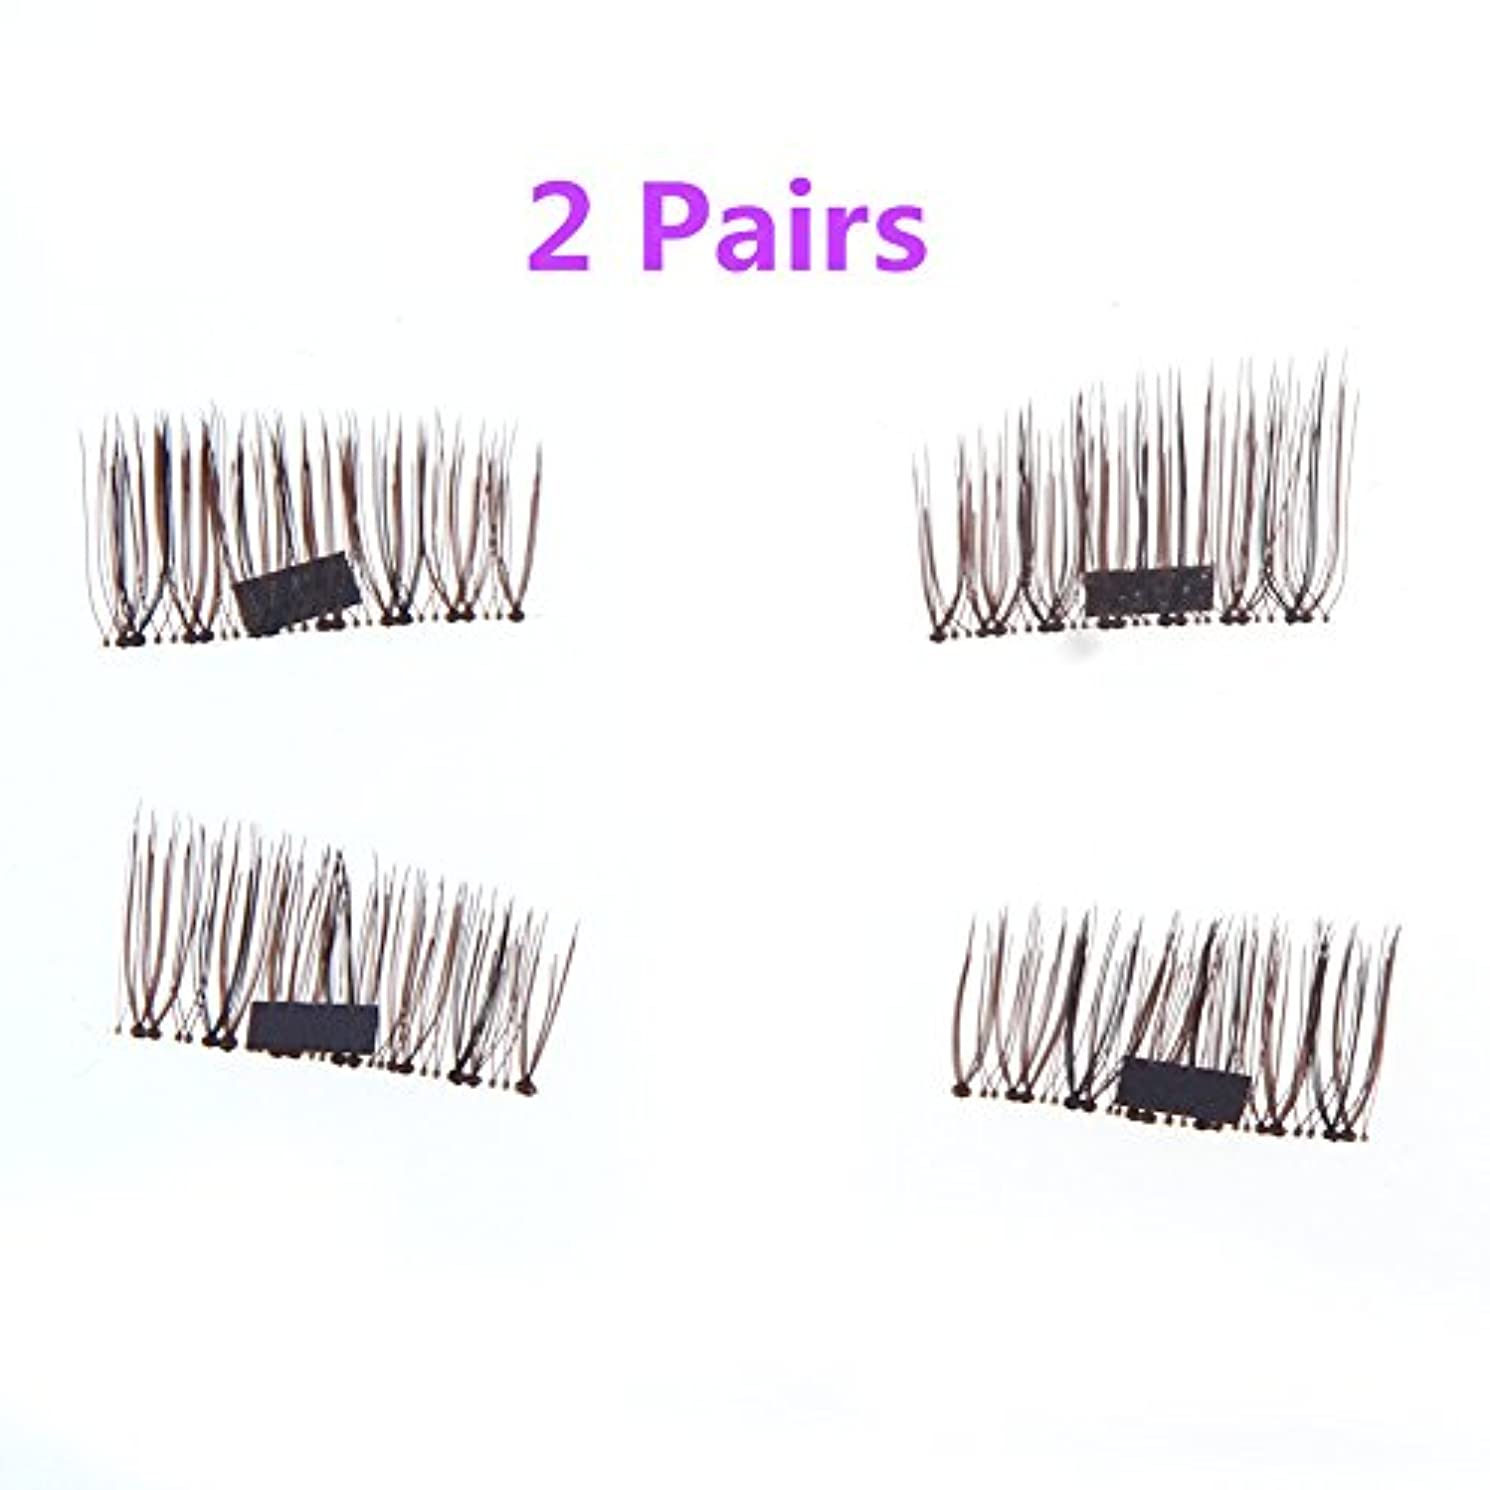 不承認病なブランデーCozyrom 2ペアセット つけまつげ 磁気 3D マグネット 付け睫毛 Magnet eyelashes 磁性 長い 再利用可能 濃密 簡単に装着 手作り